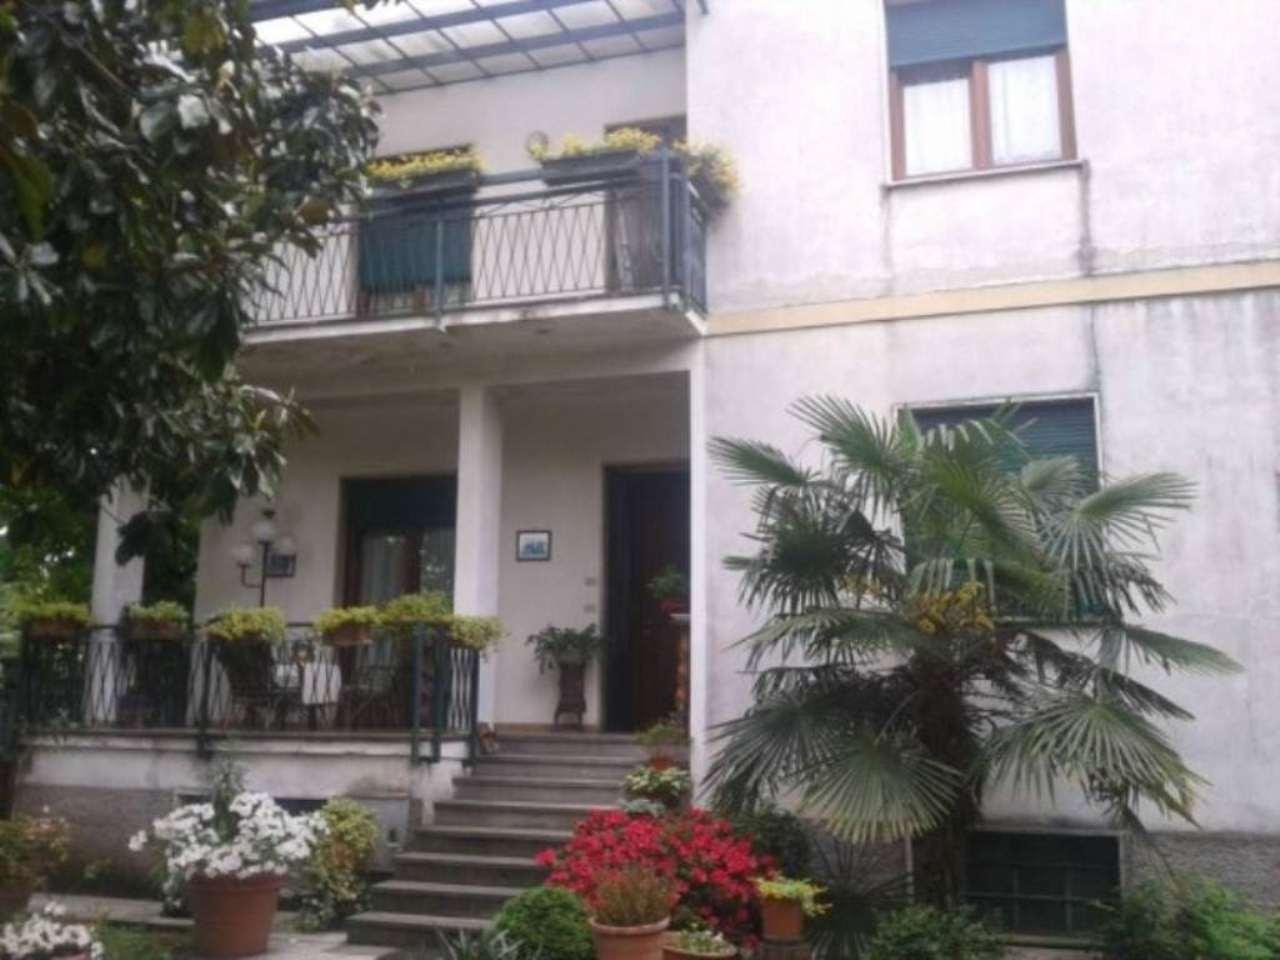 Villa in vendita a Rho, 6 locali, Trattative riservate | Cambio Casa.it